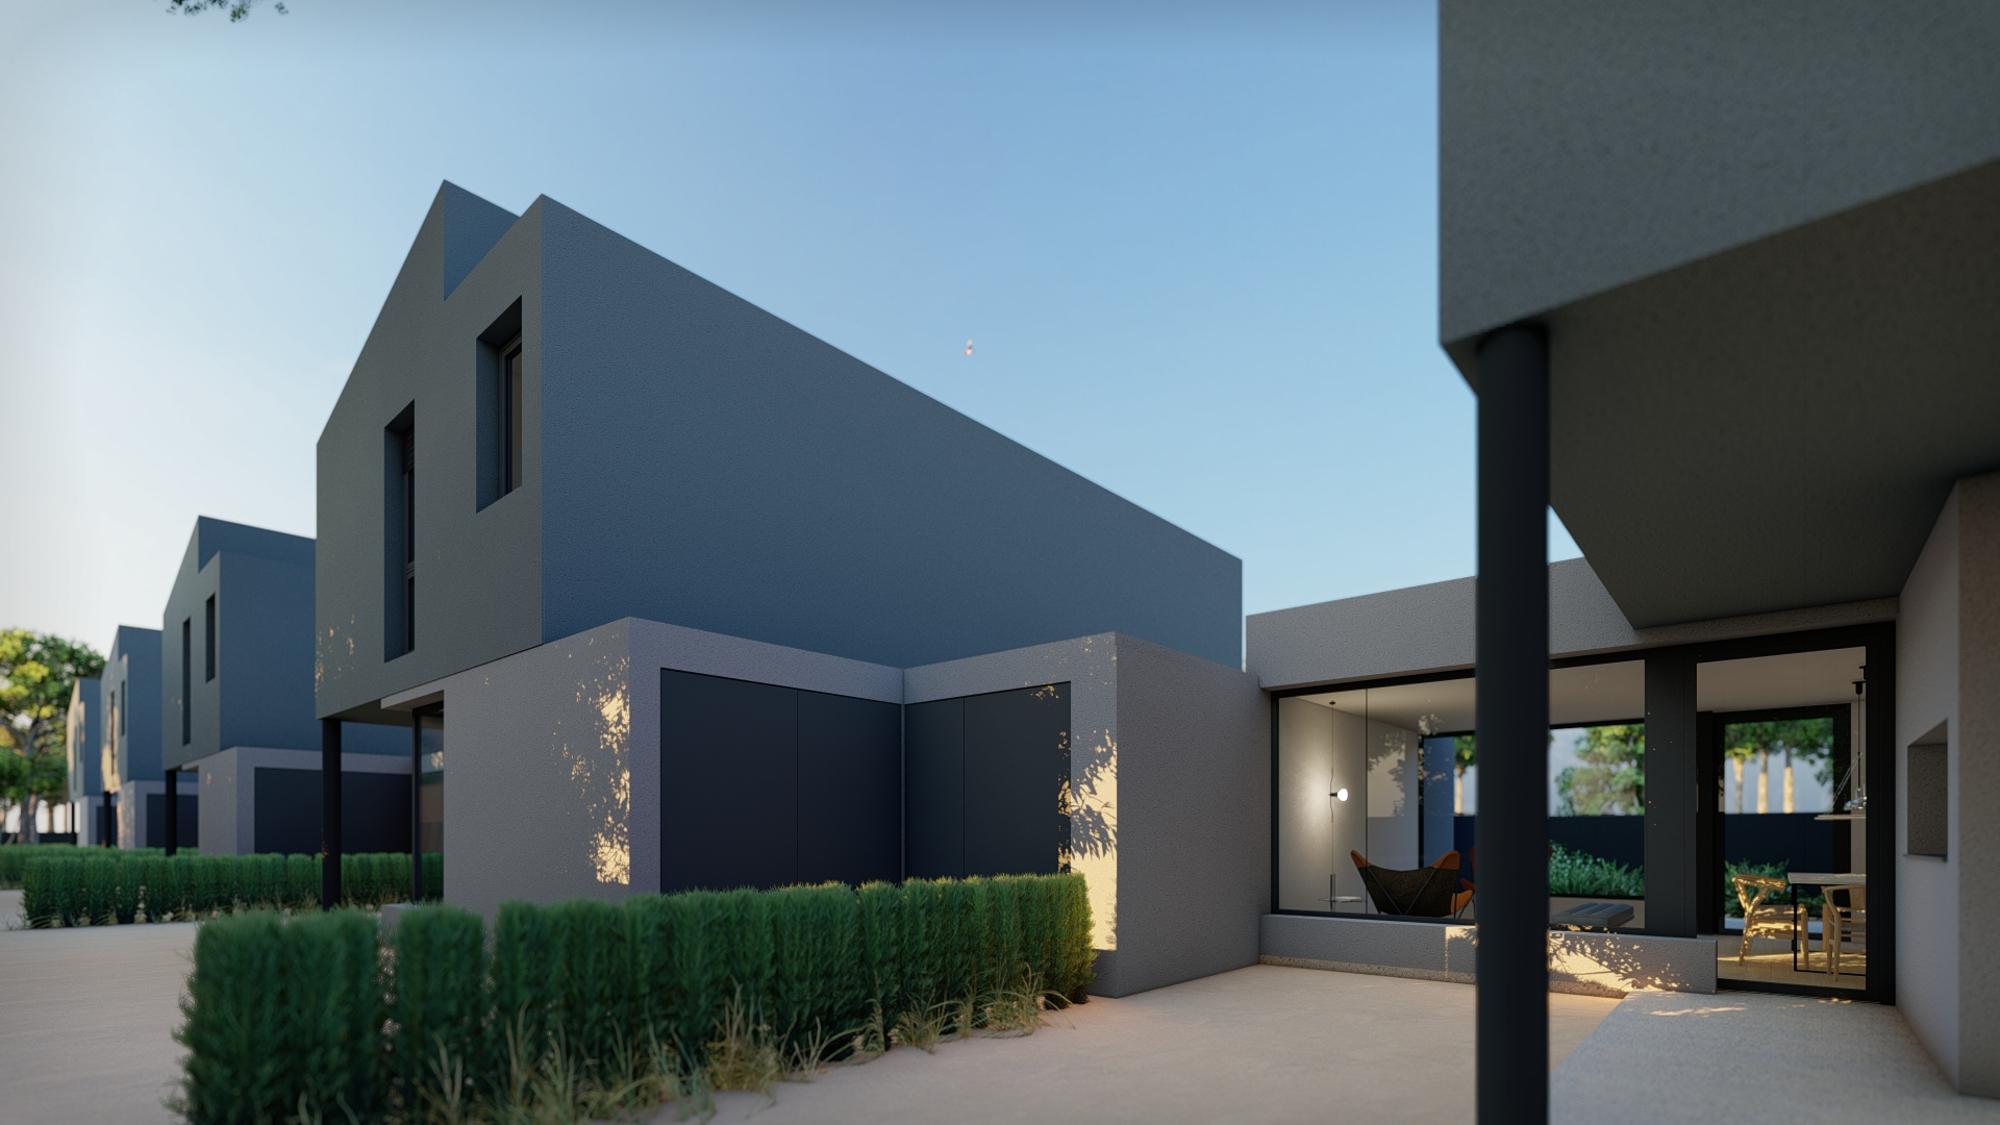 parte trasera y terraza de una de las viviendas unifamiliares de próxima construcción en la zona de agrónomos de Lleida